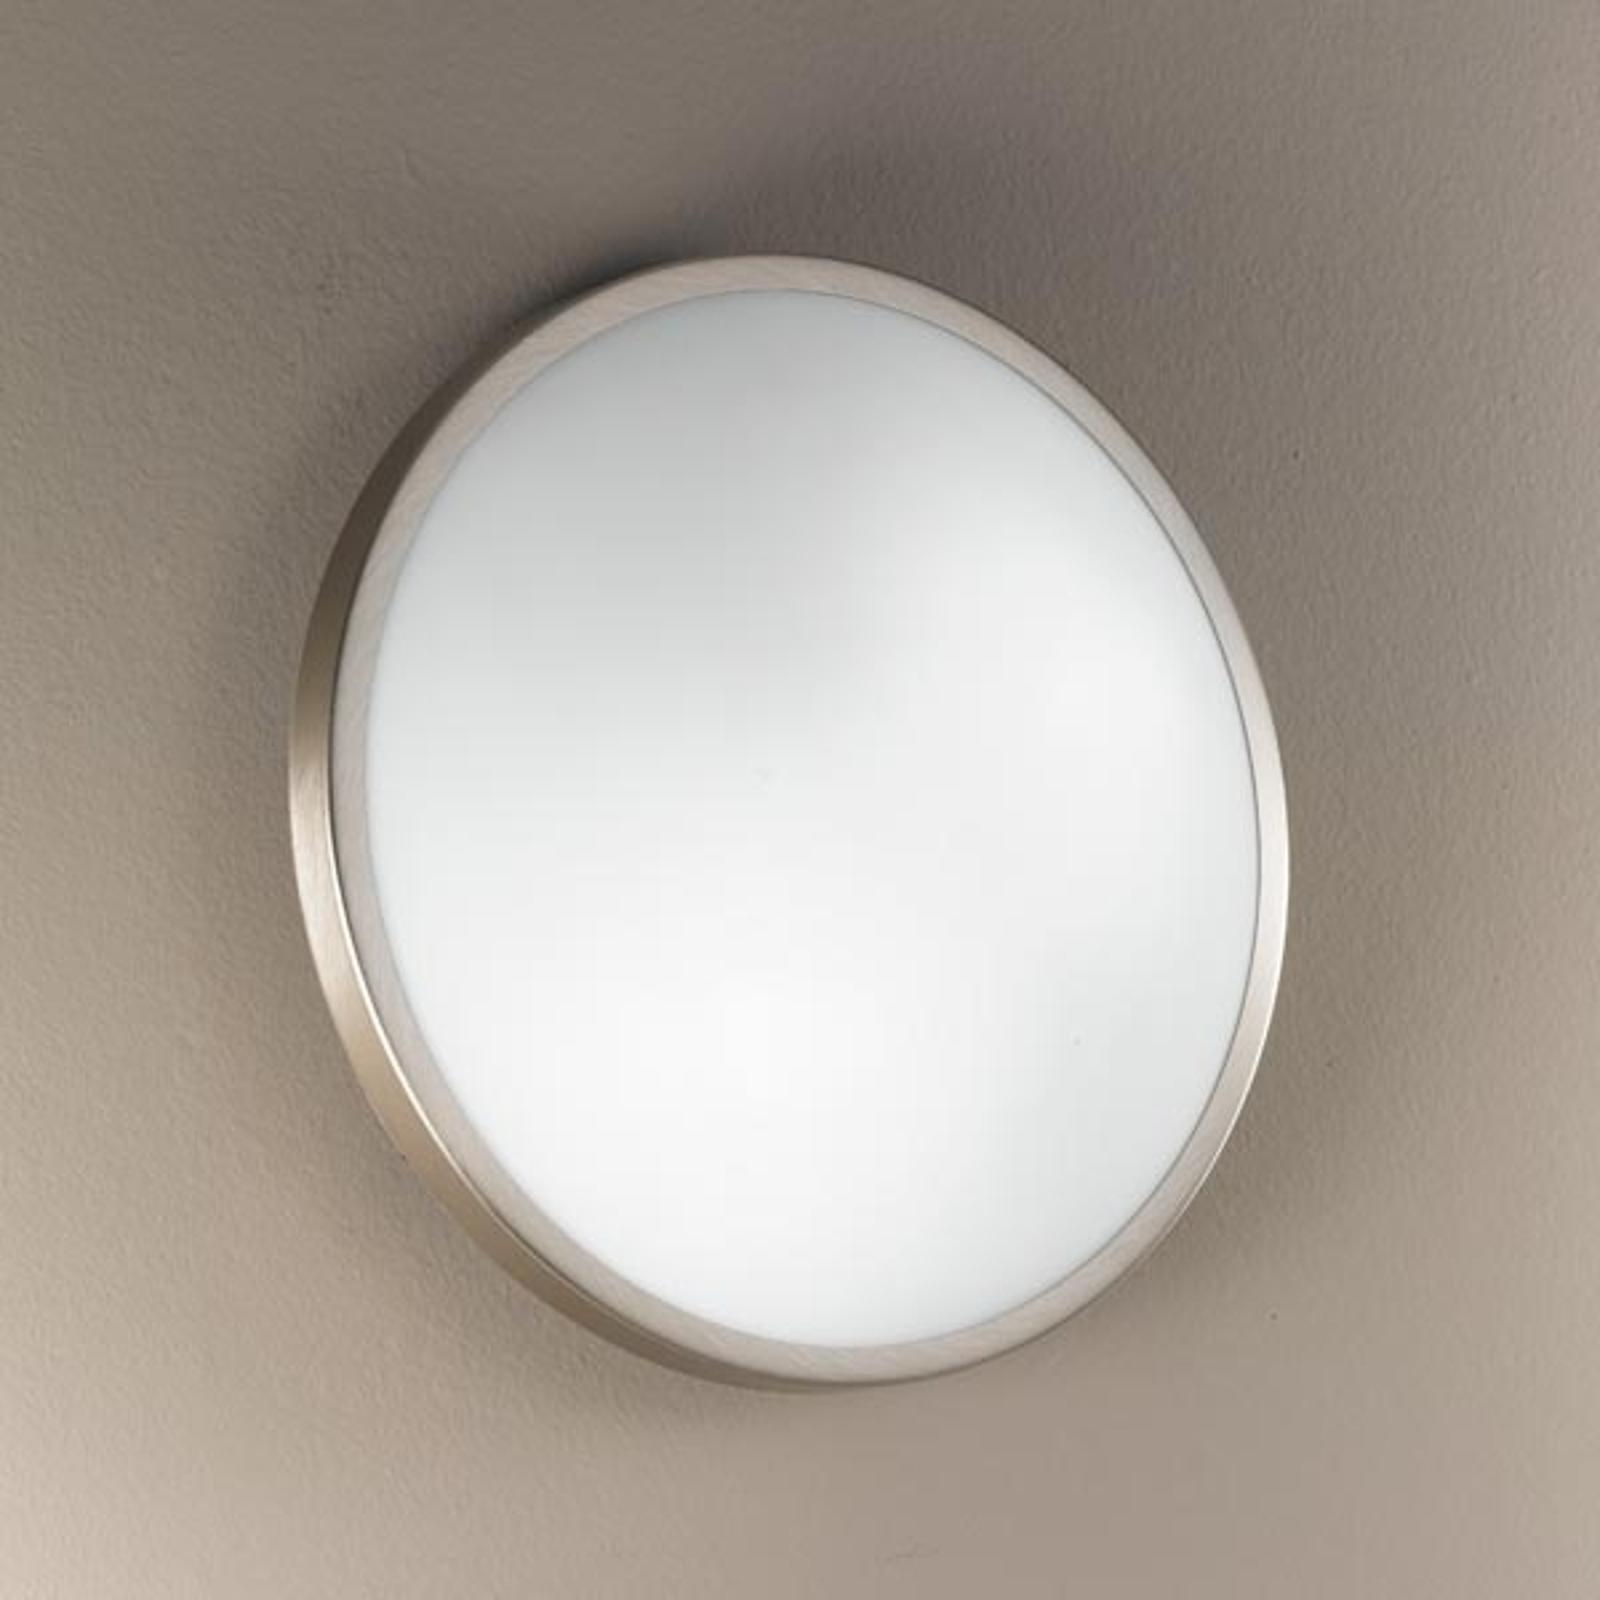 PLAZA Szklana lampa sufitowa i ścienna 21,5cm